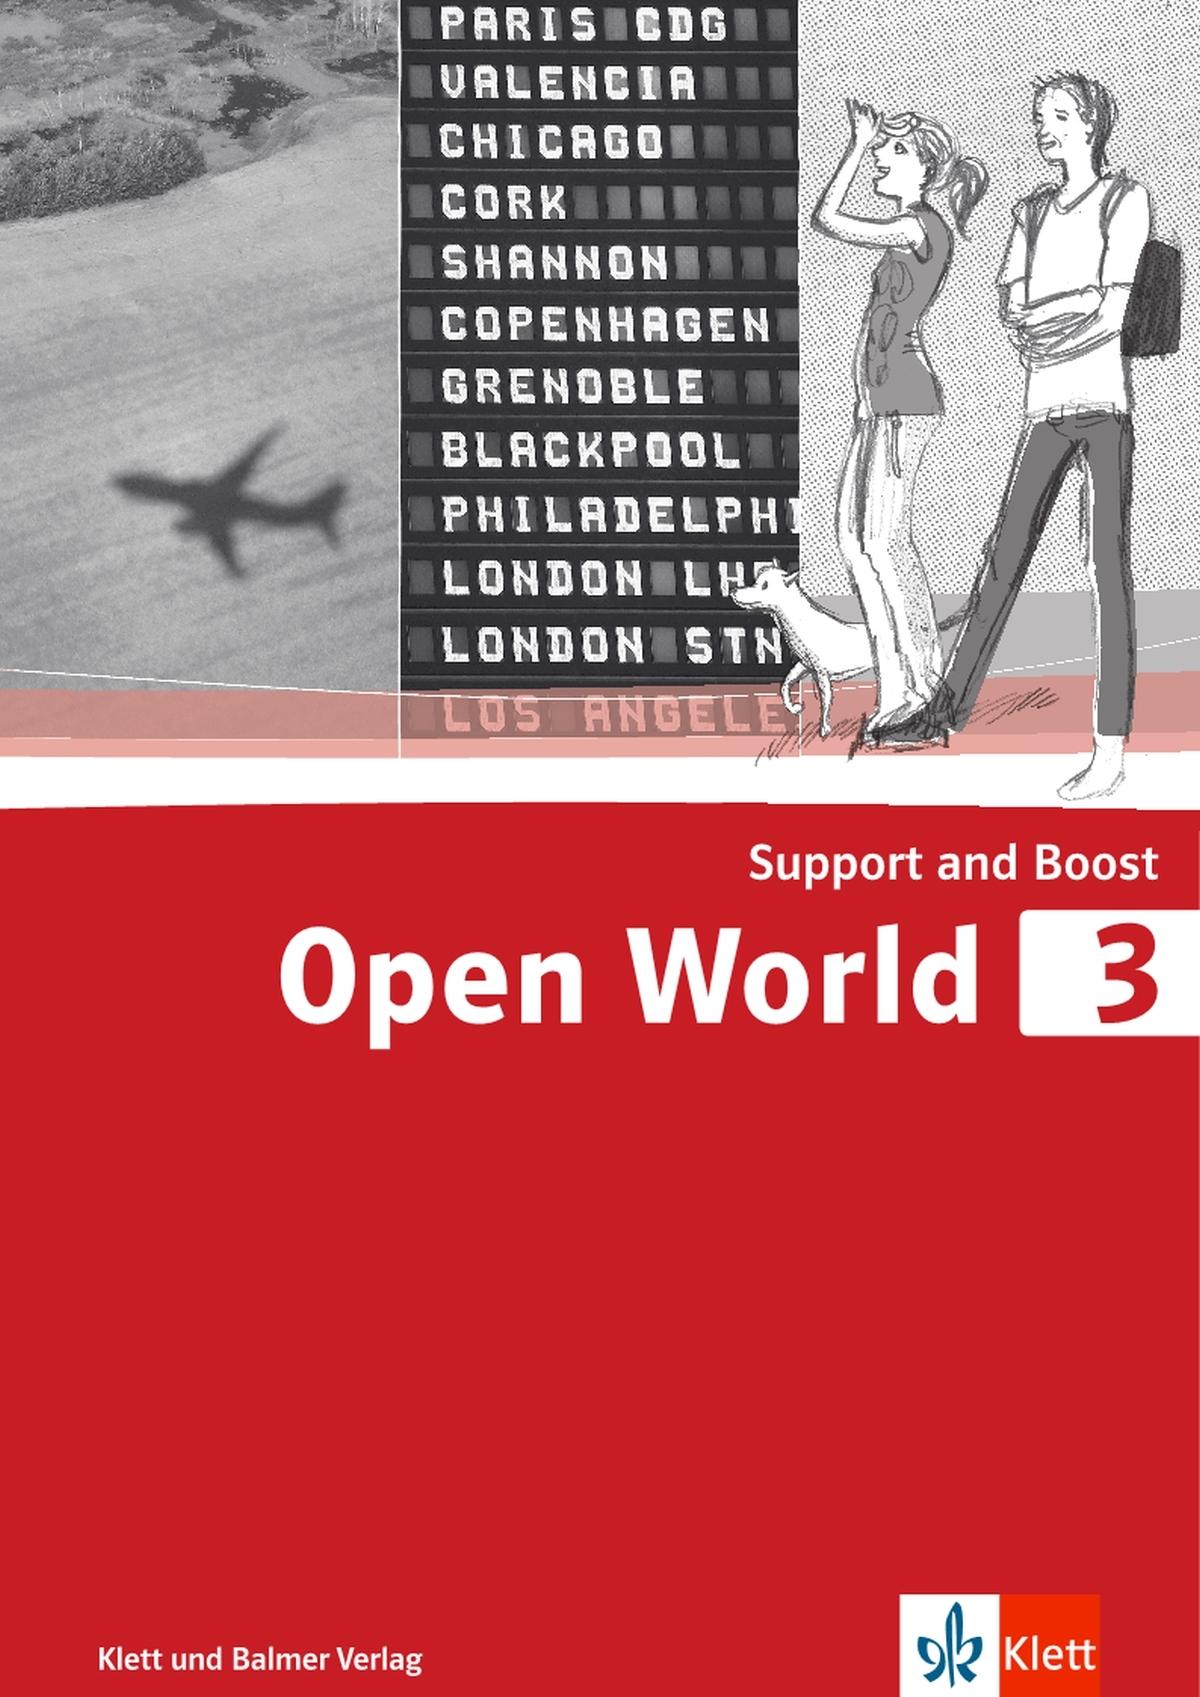 Support and boost open world 3 978 3 264 84265 4 klett und balmer